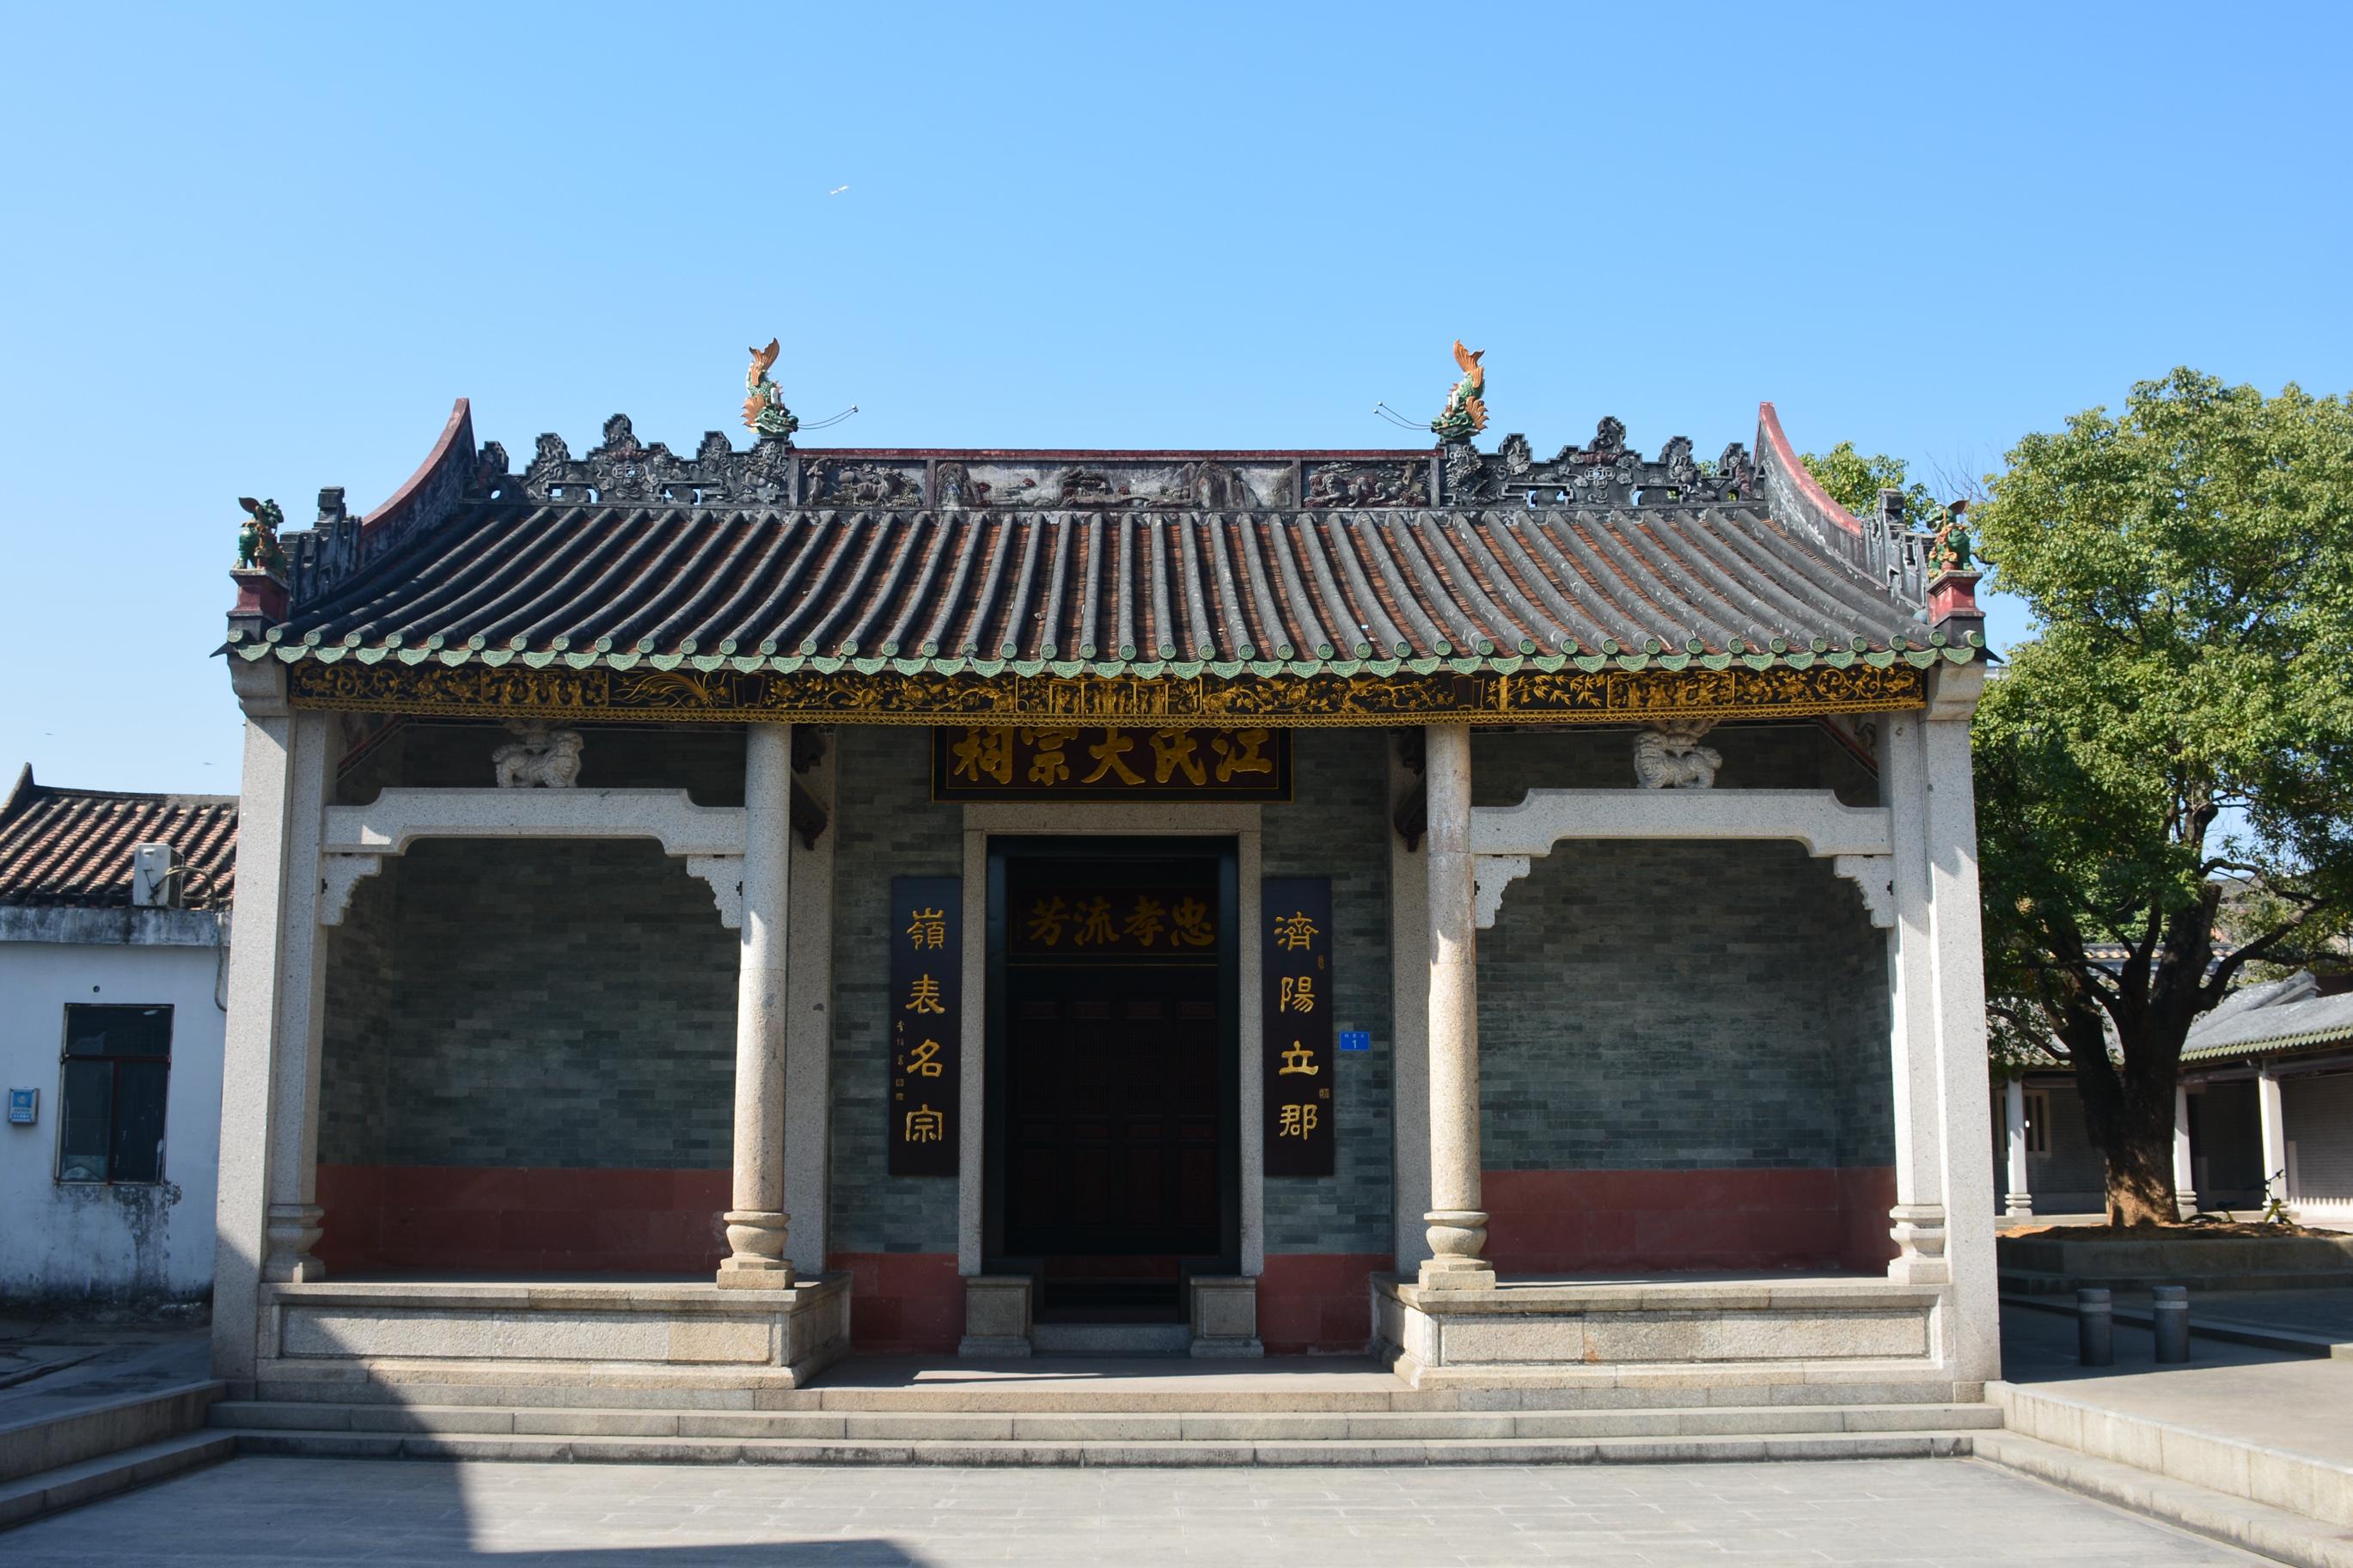 千年蚝乡的江氏大宗祠